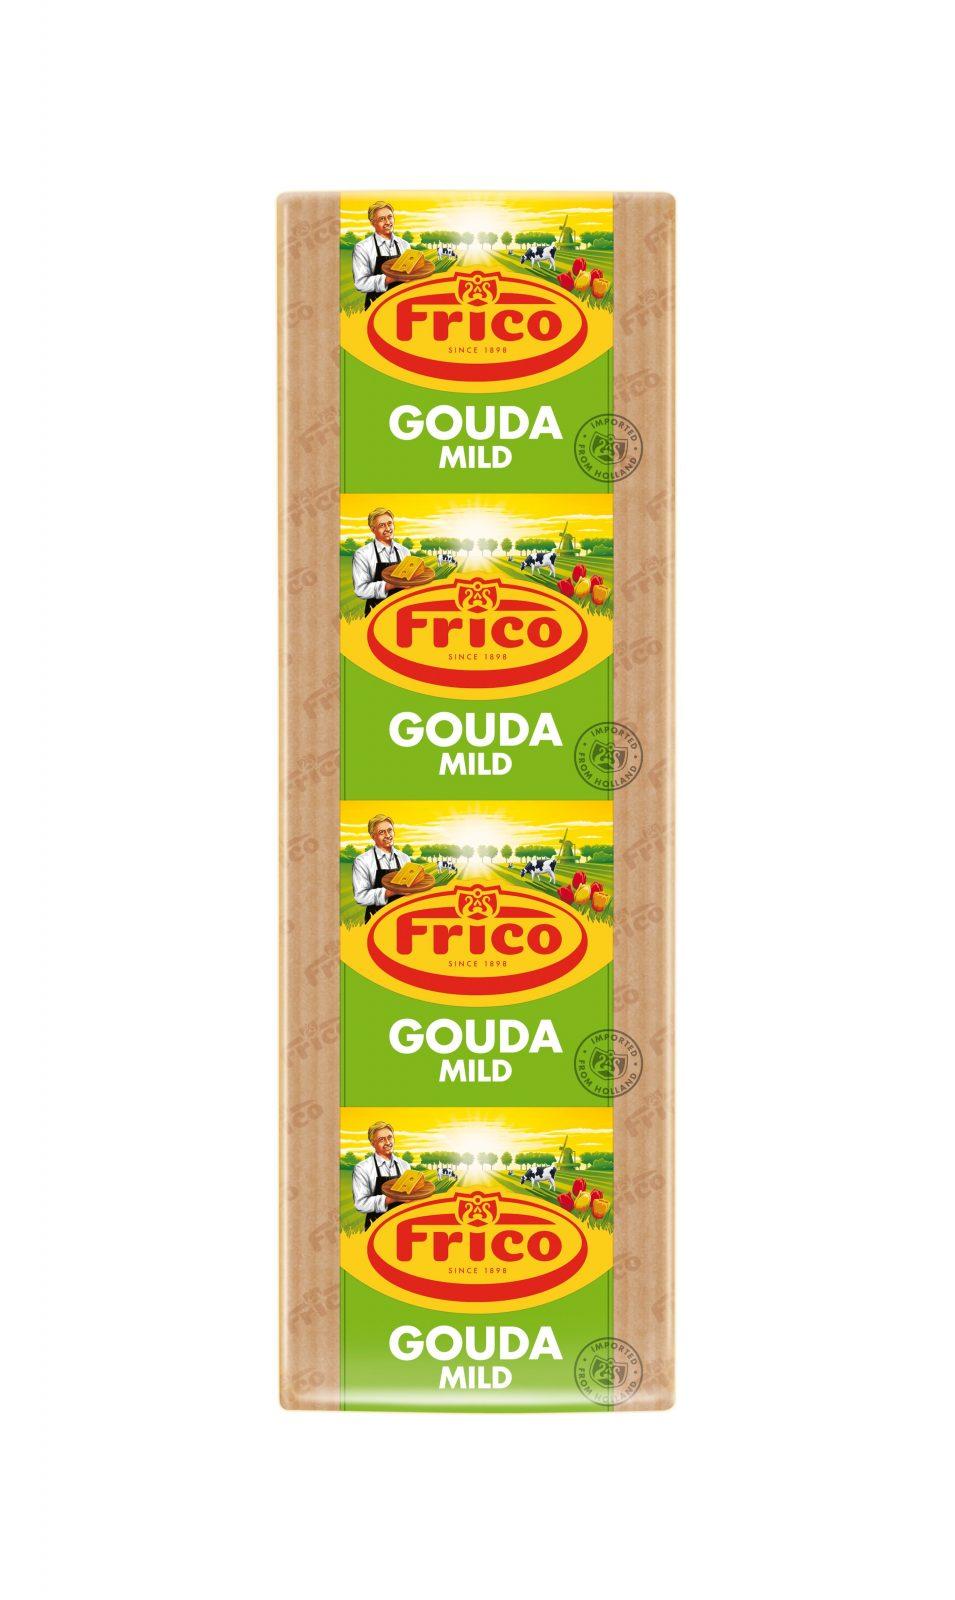 Gouda mild mold